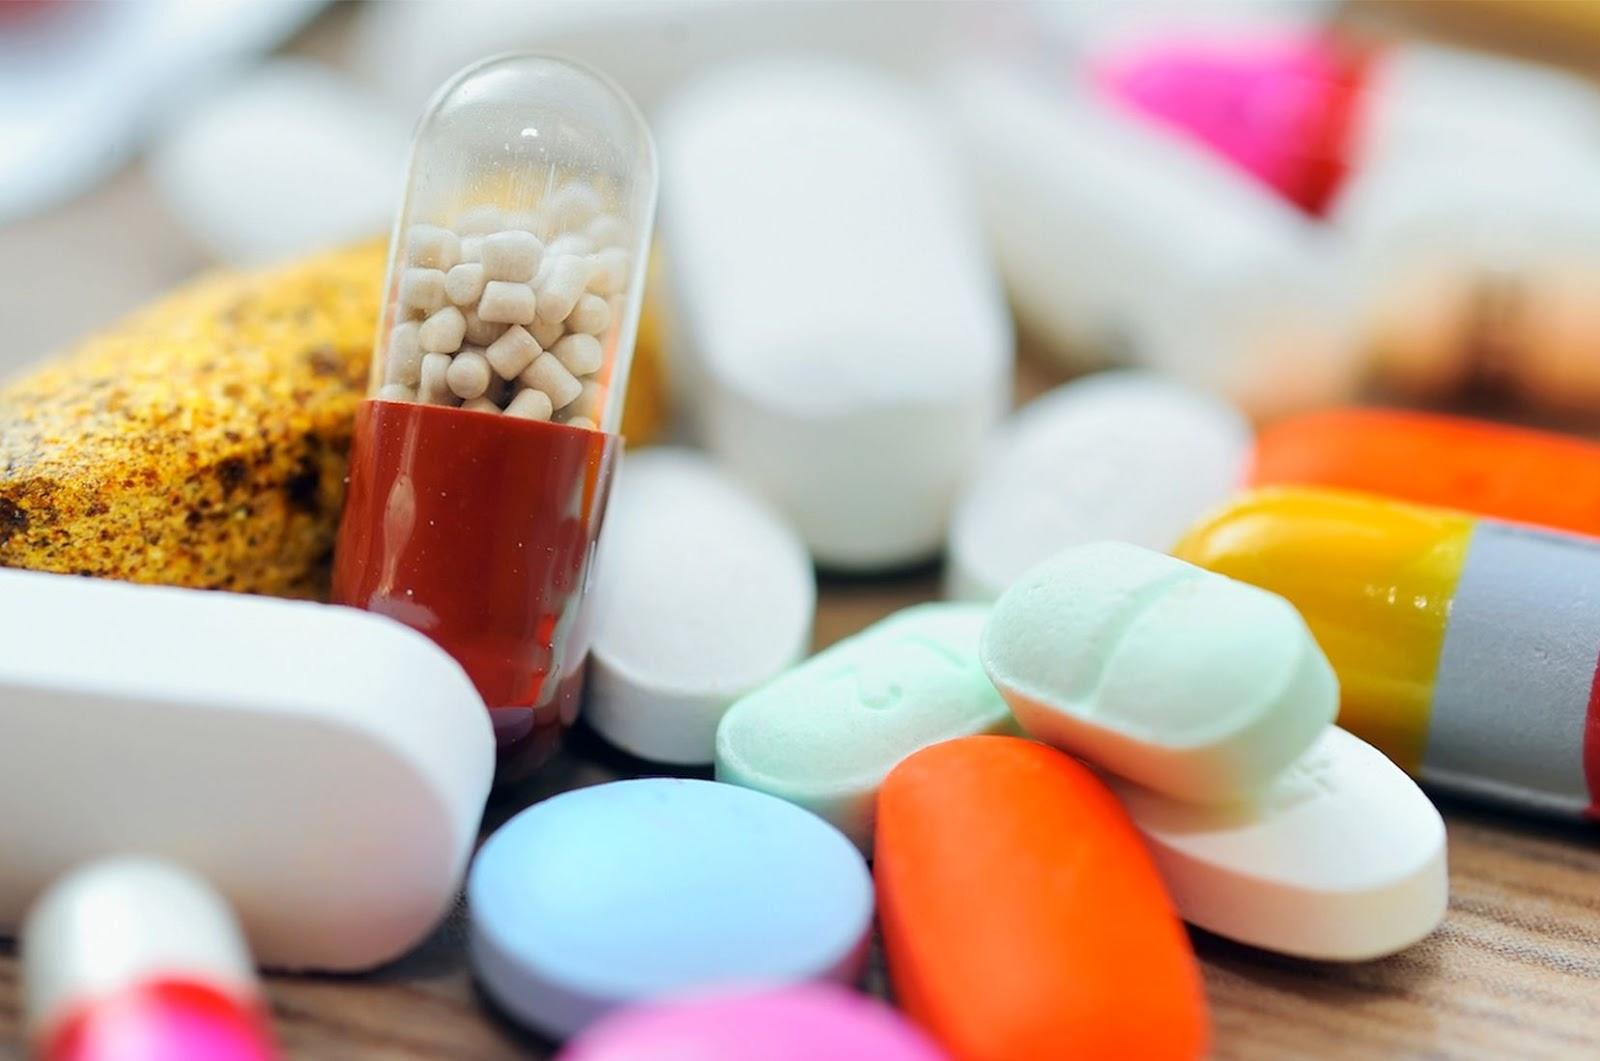 سعر ودواعي استعمال دواء بروتوستوب Protostop للمعدة